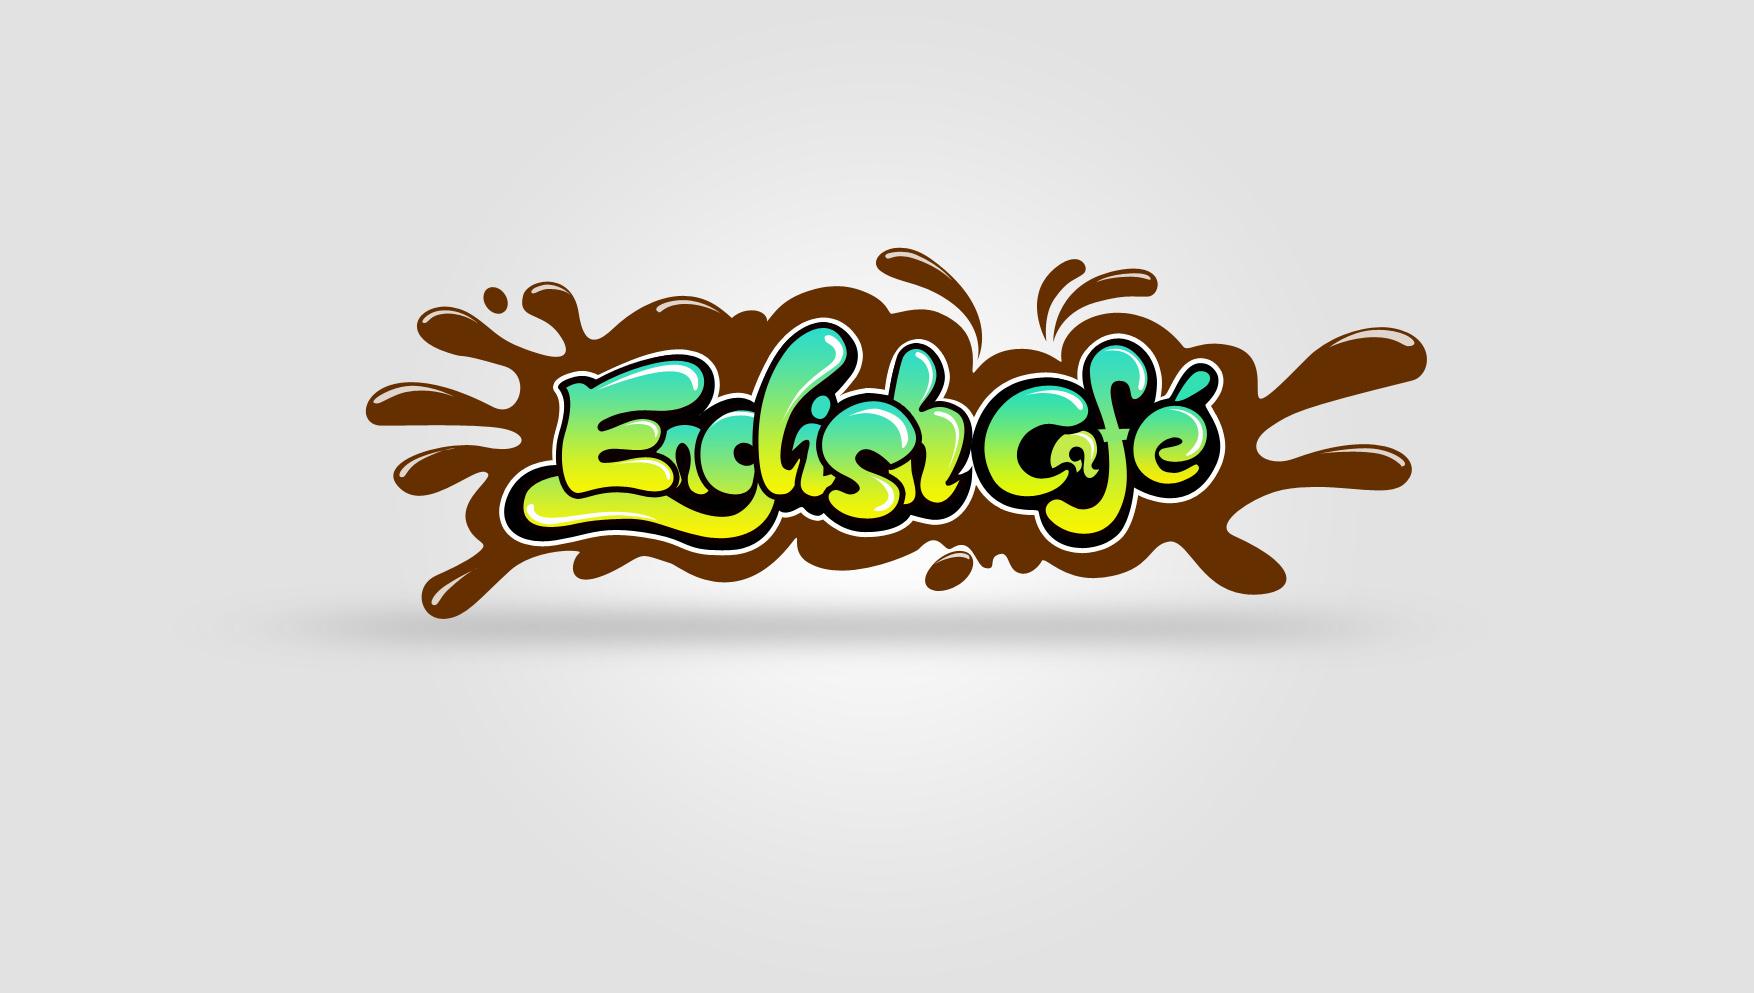 为一字体英语儿童班设计的外教logo涂鸦图案设计夏天图片